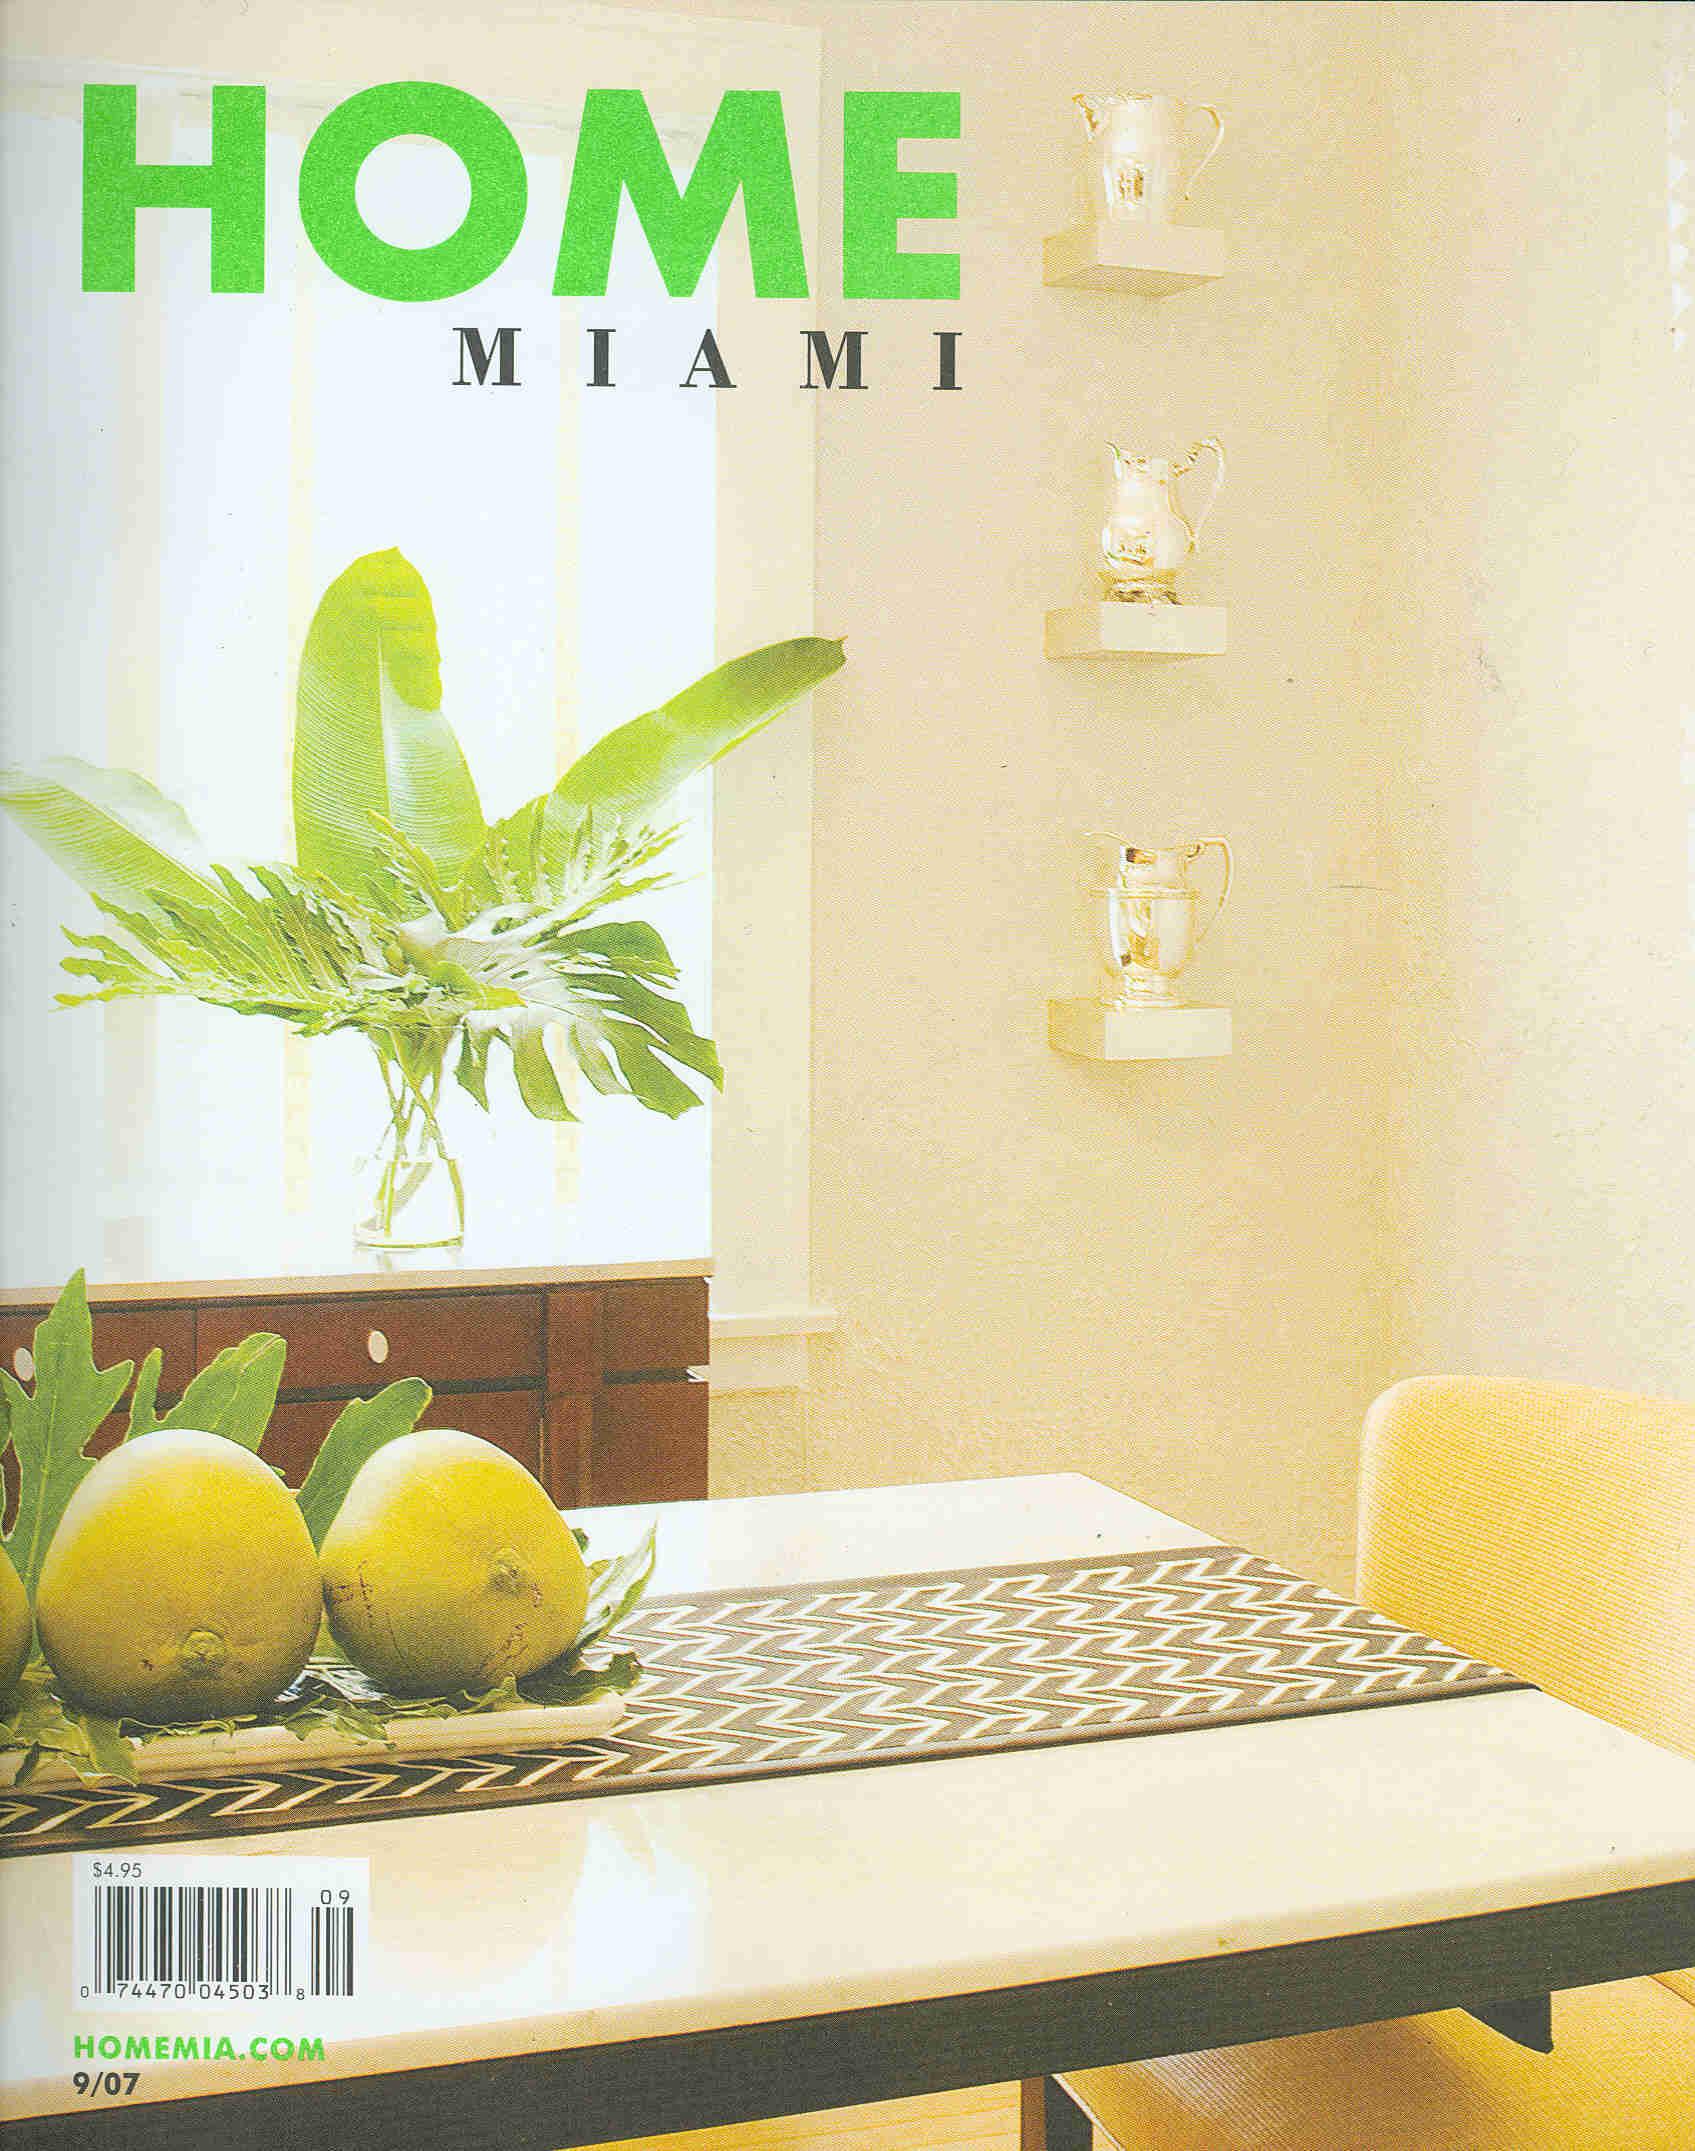 Home Miami September 2007 cover.jpg